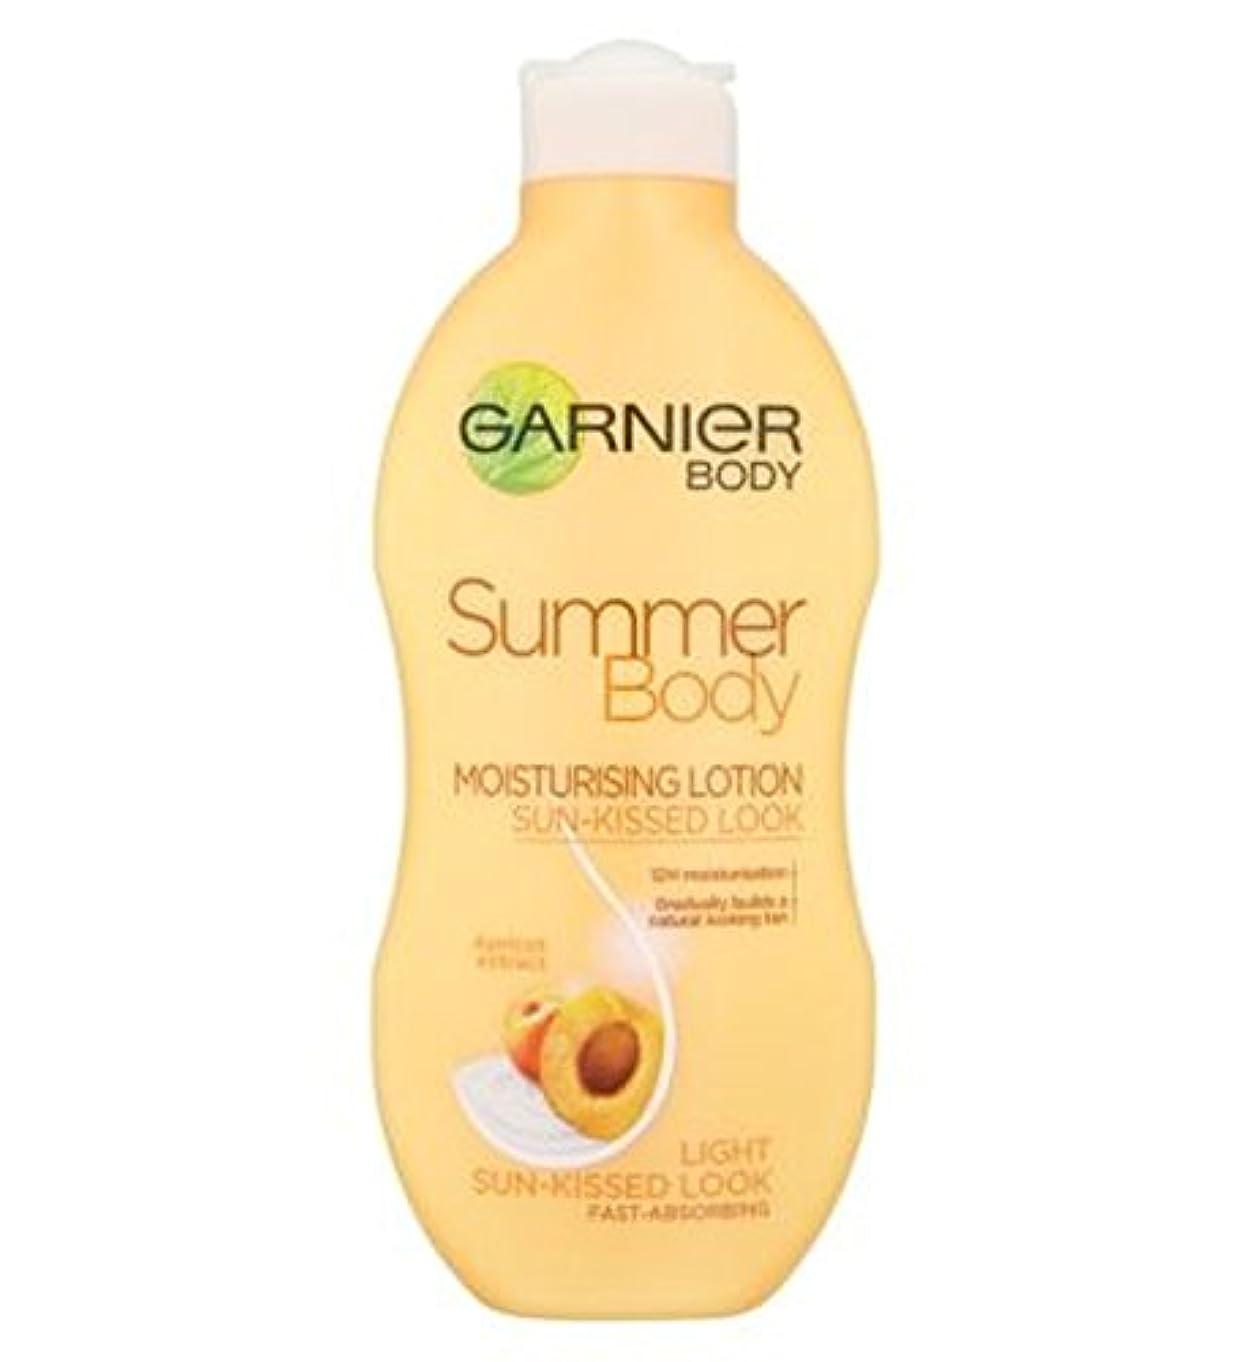 アドバイス肌寒いイチゴGarnier Summer Body Lotion Light Sun-Kissed 250ml - ガルニエの夏のボディローションライト日、キスをした250ミリリットル (Garnier) [並行輸入品]